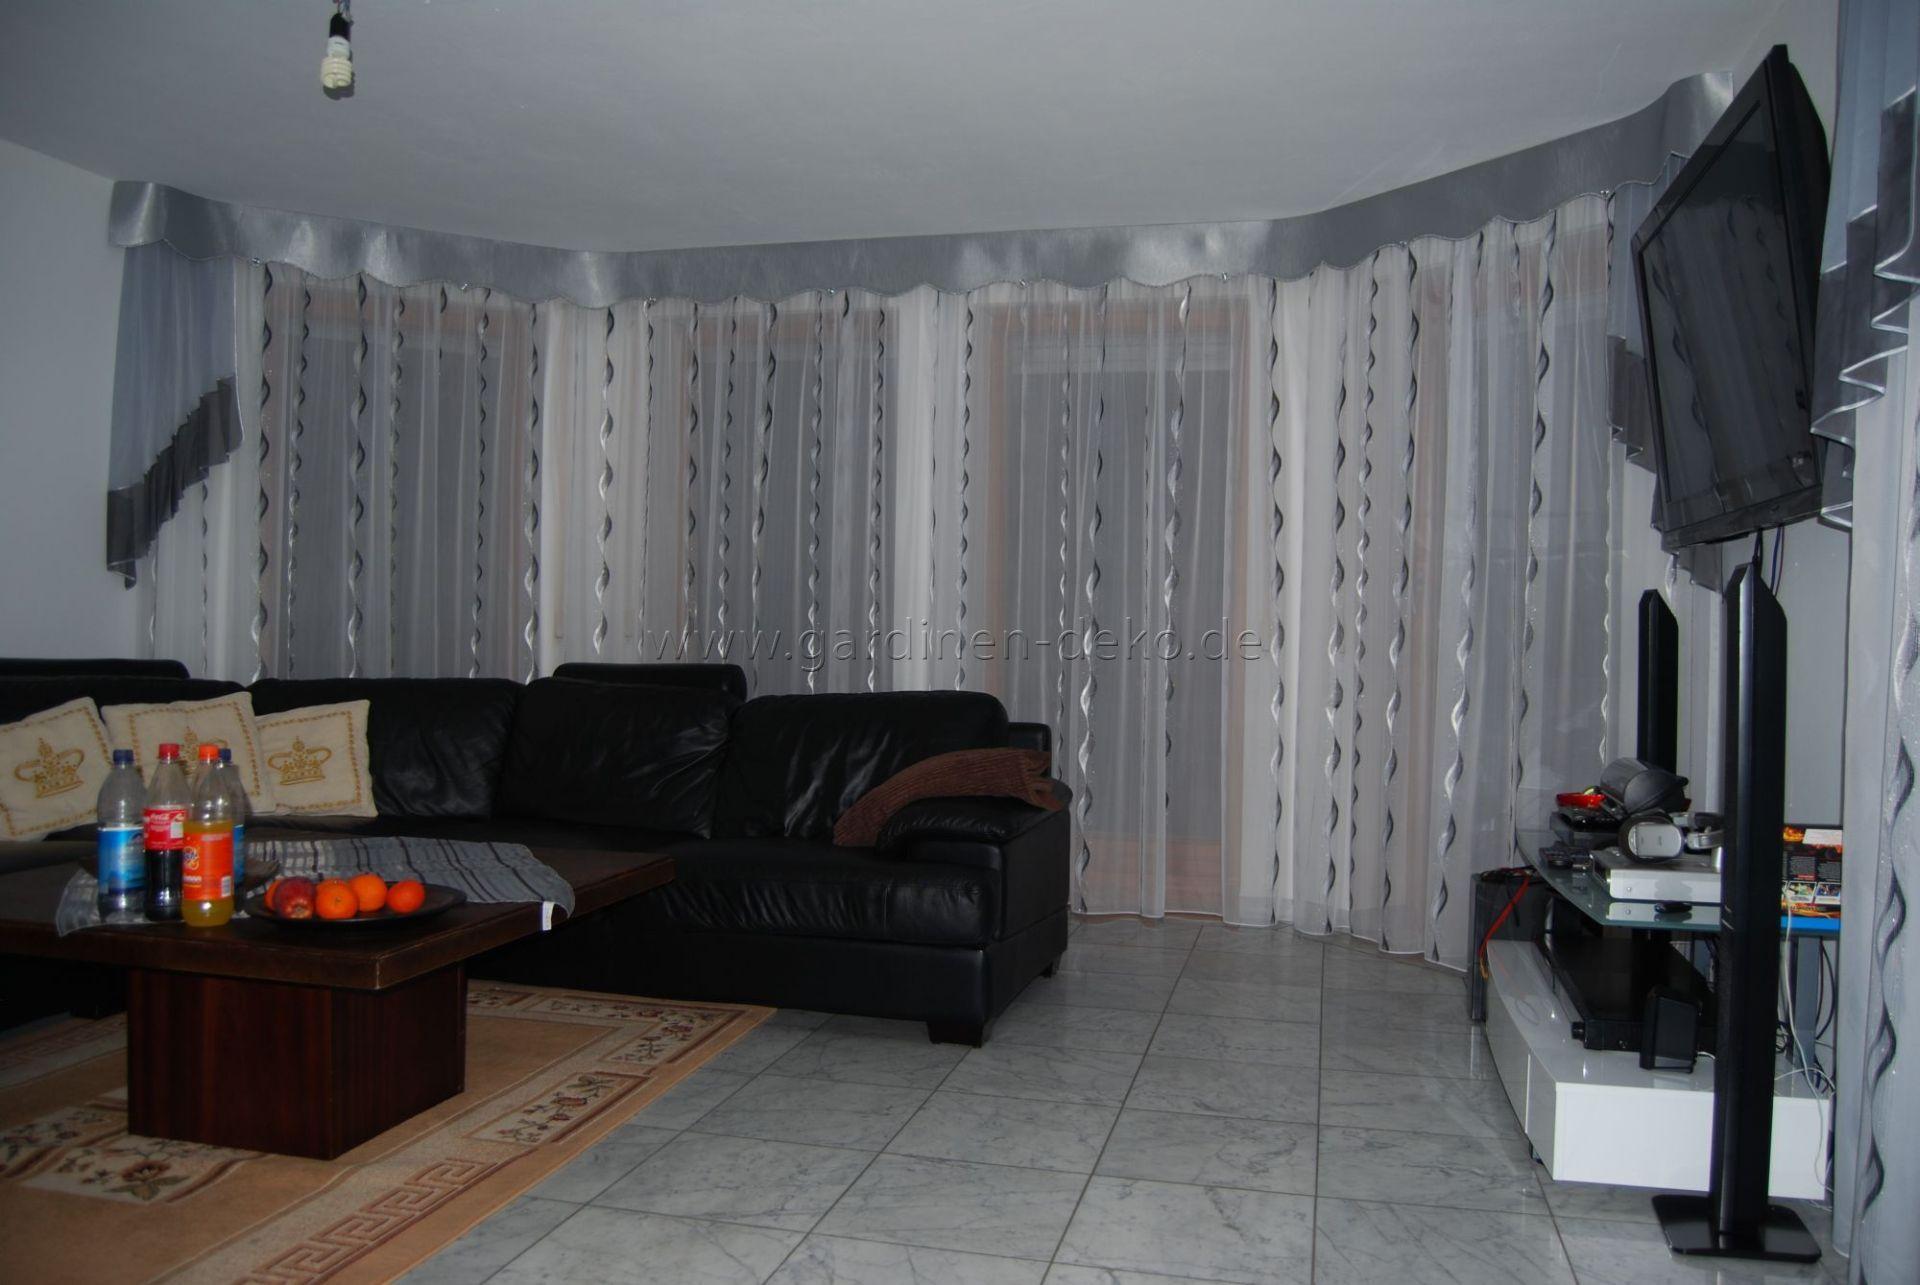 Wohnzimmer Deko Grau Weis | Badezimmer & Wohnzimmer Wohnzimmer Blau Weis Grau